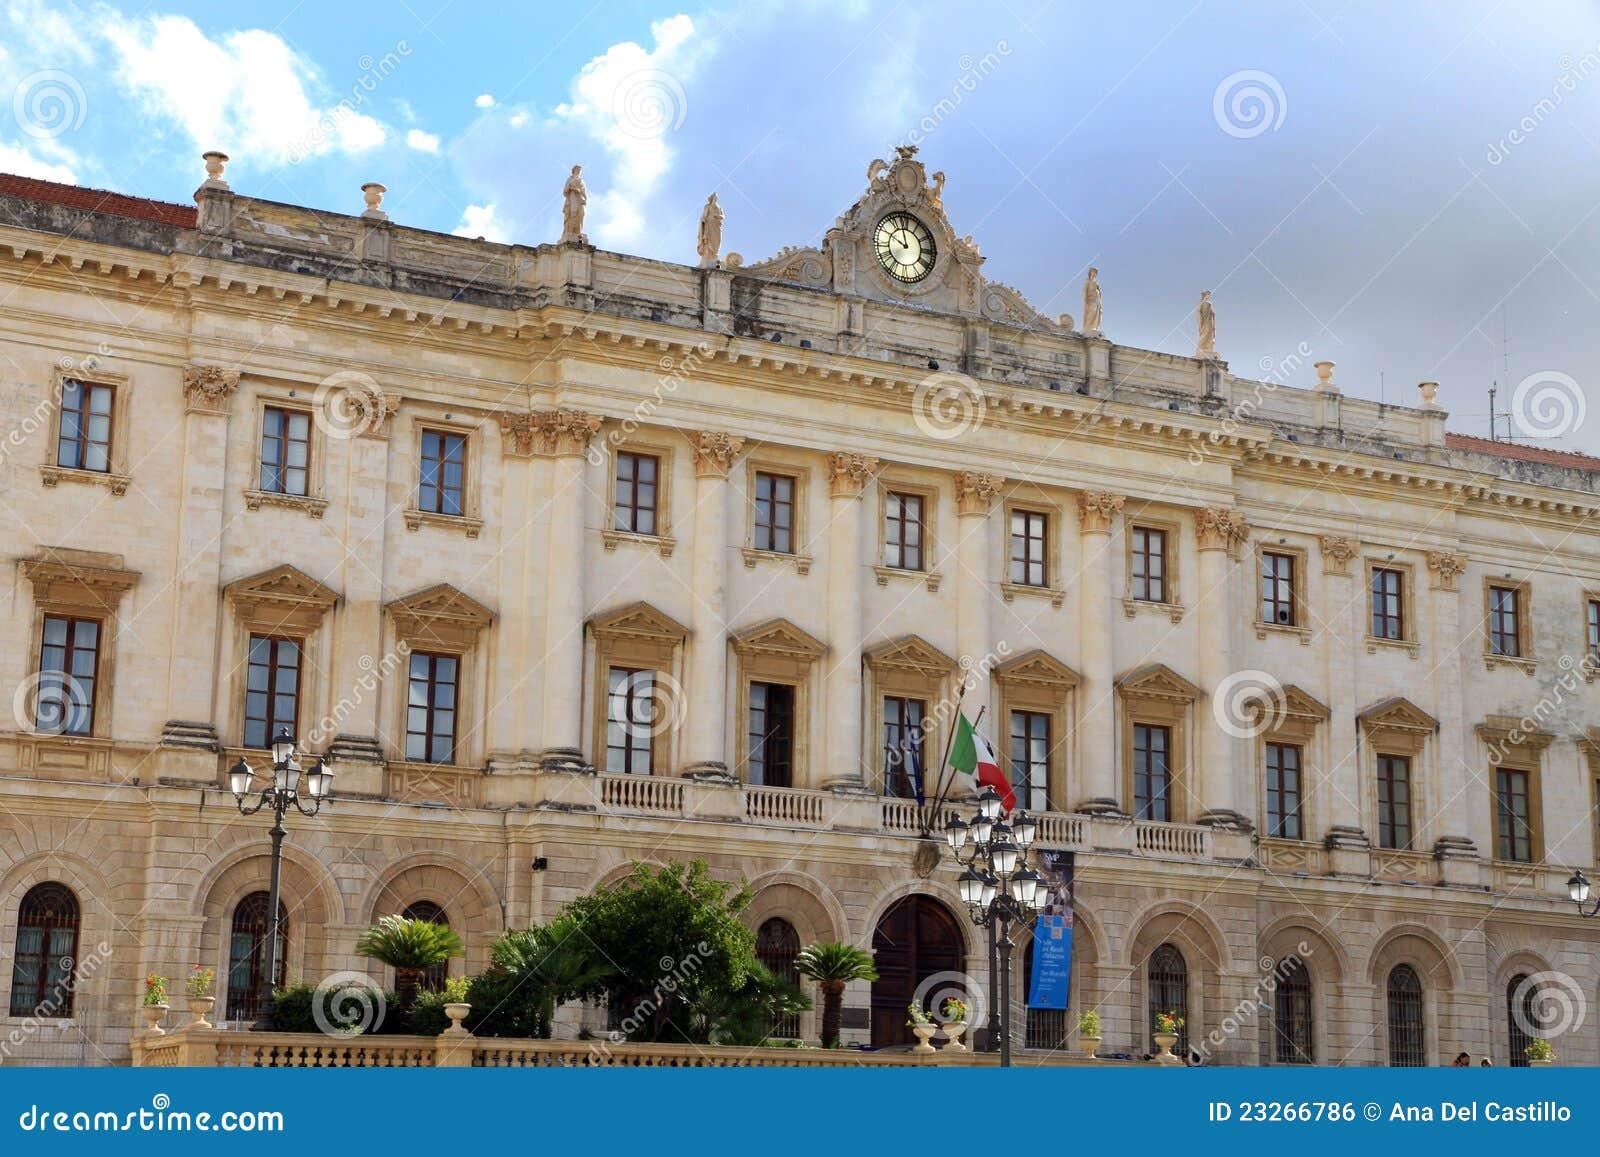 Museum Sassari Sardinia Italy Royalty Free Stock Image ...